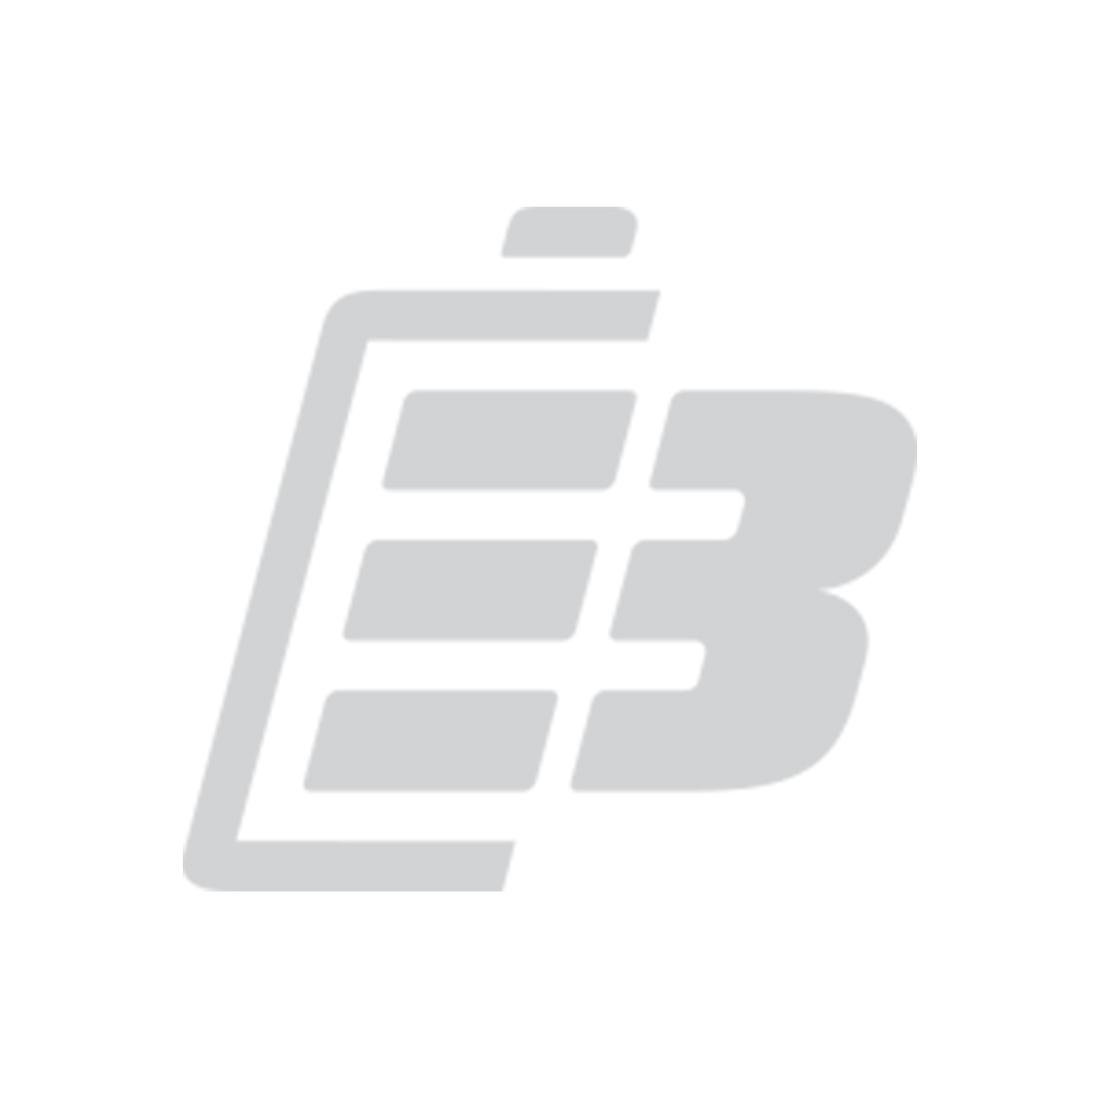 Μπαταρία smartphone ZTE Blade G2_1